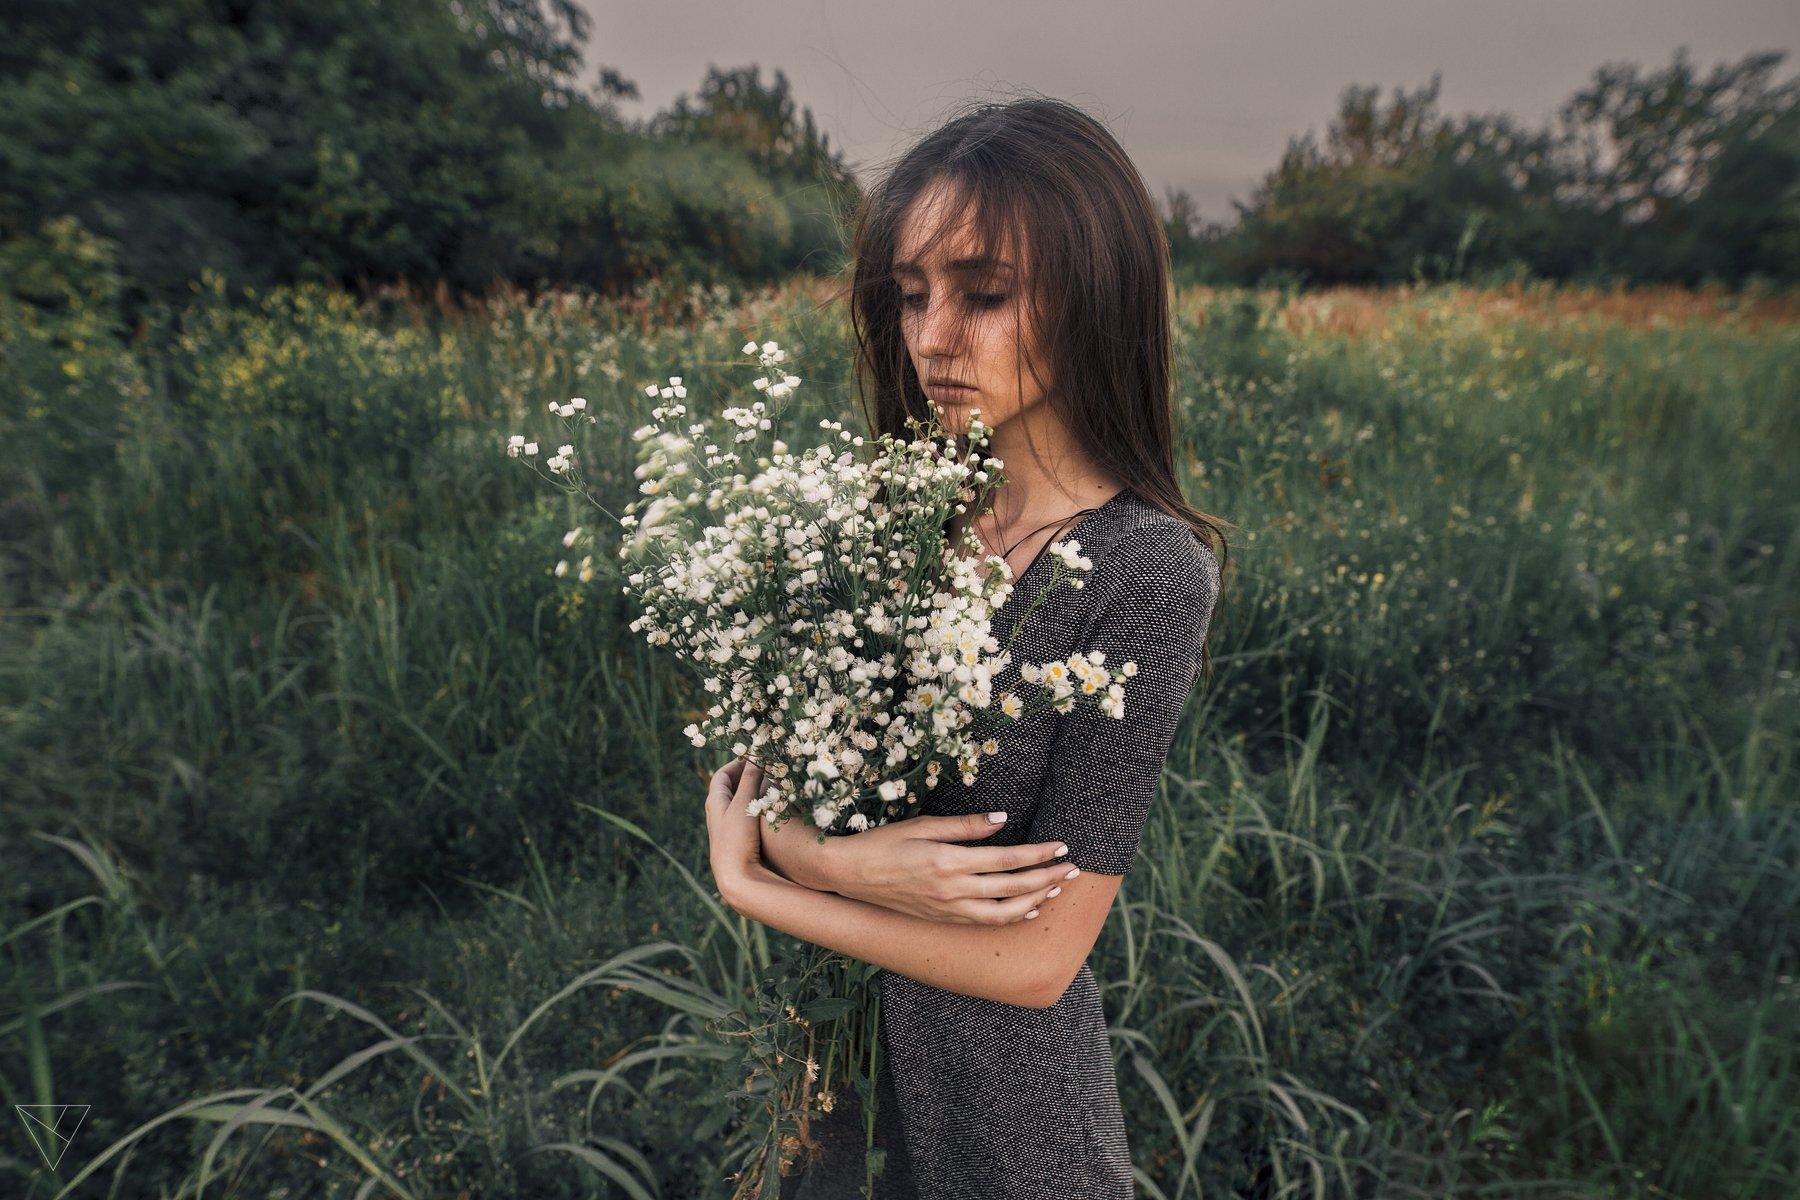 Портрет, женский портрет, девушка, взгляд, Россия , Дмитрий Александров